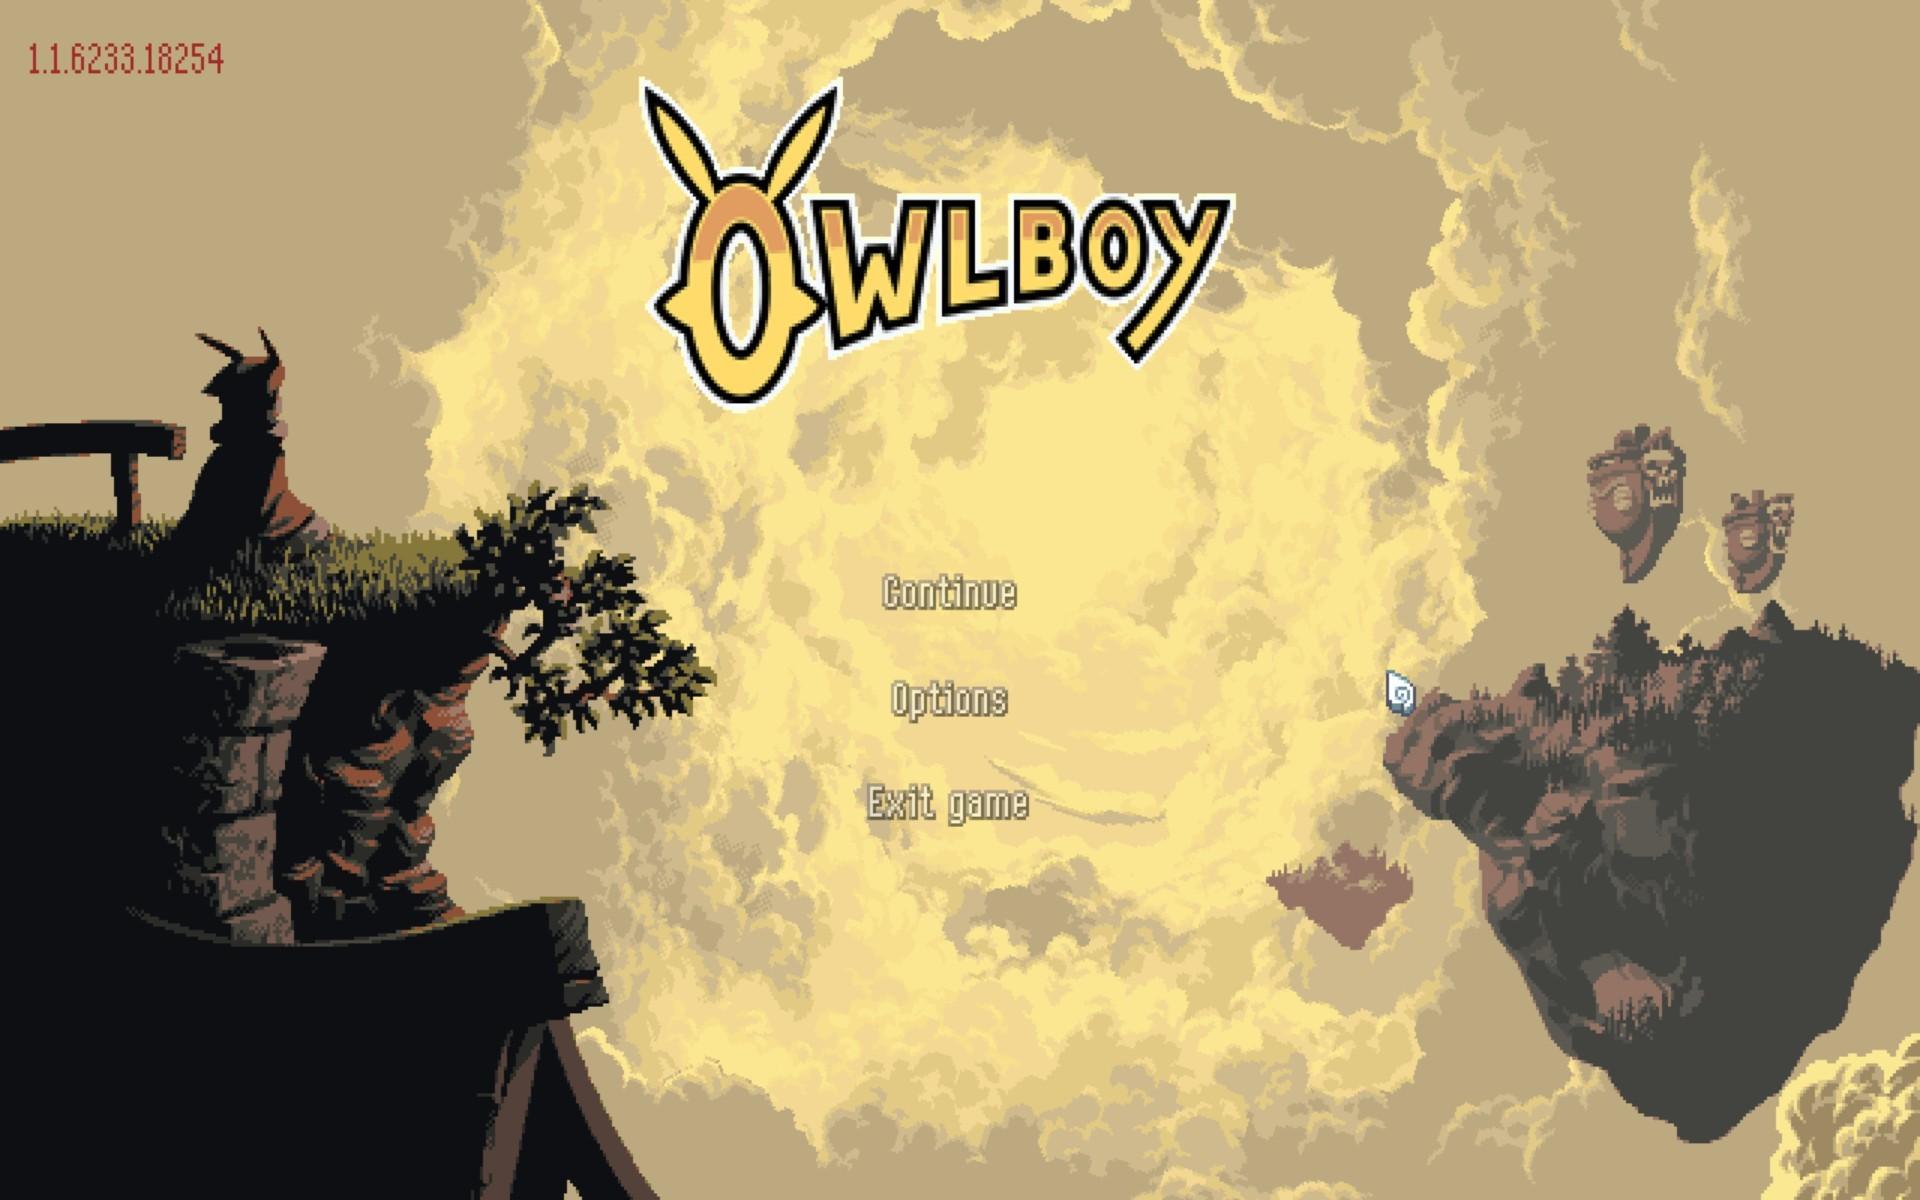 owlboy_01.jpg